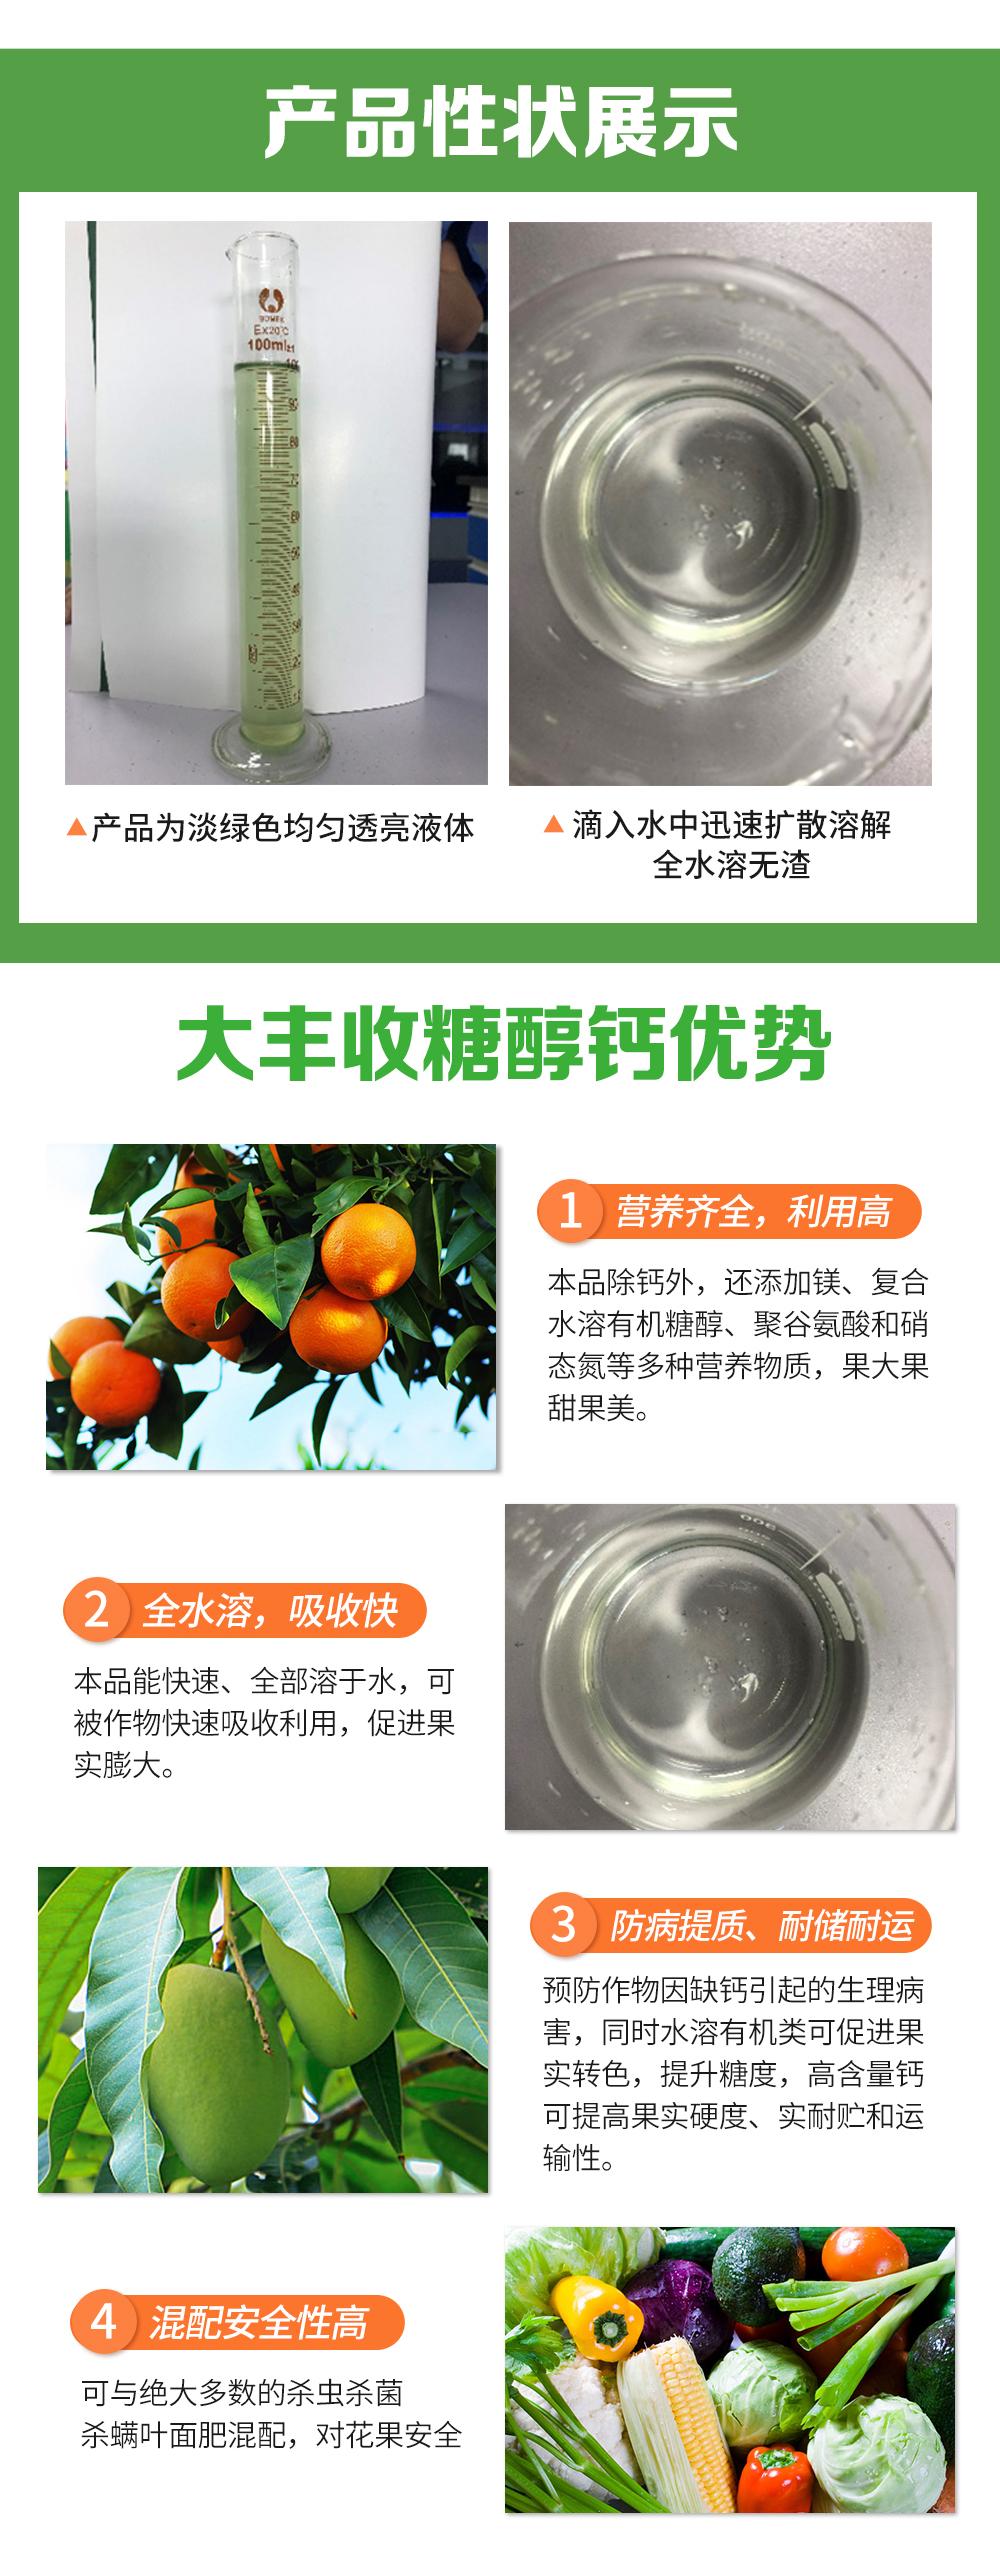 太美糖醇钙0908_02.jpg